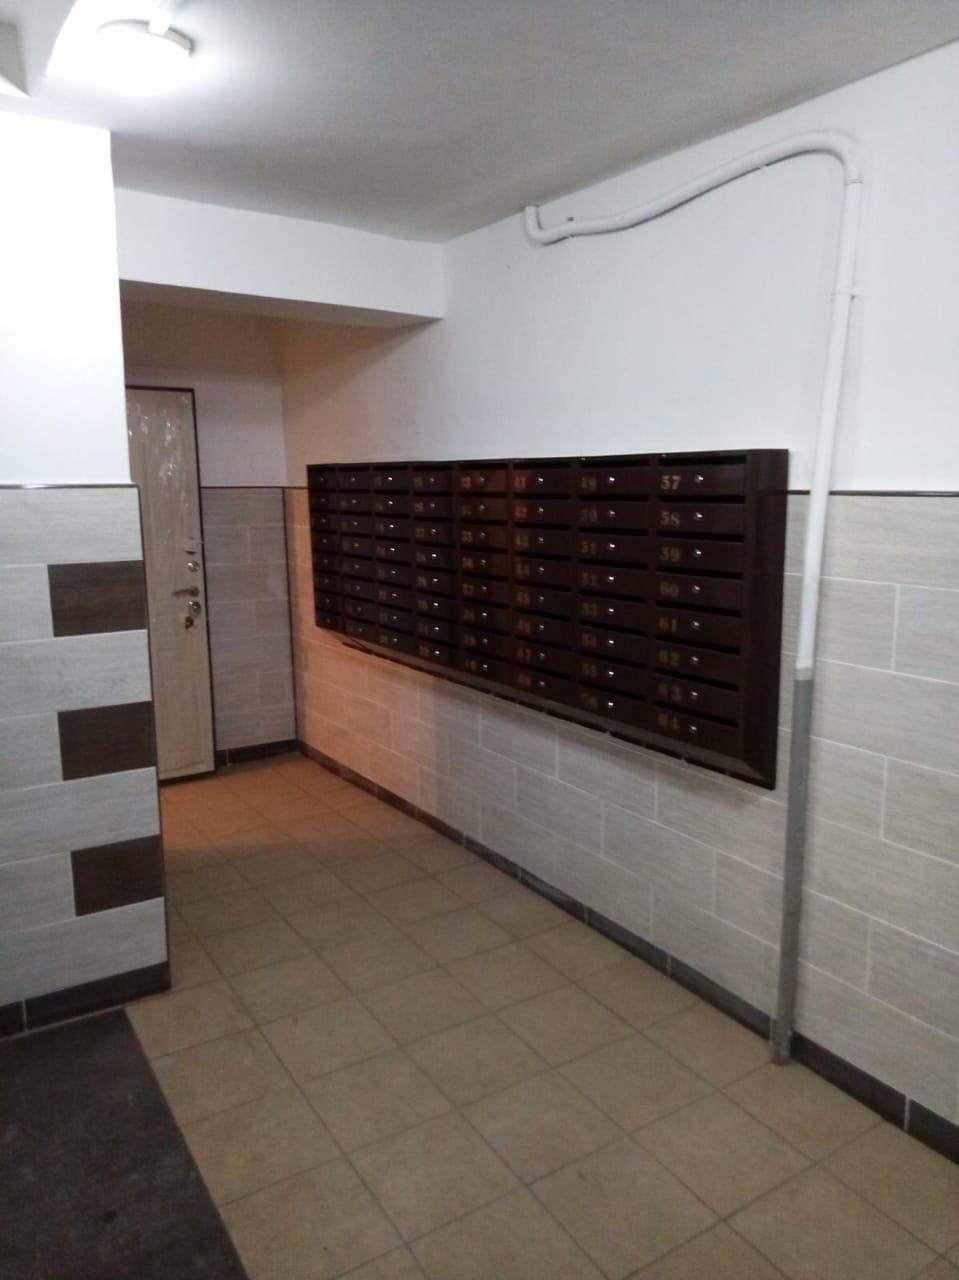 Улица Ердякова дом 18 установка почтовых ящиков